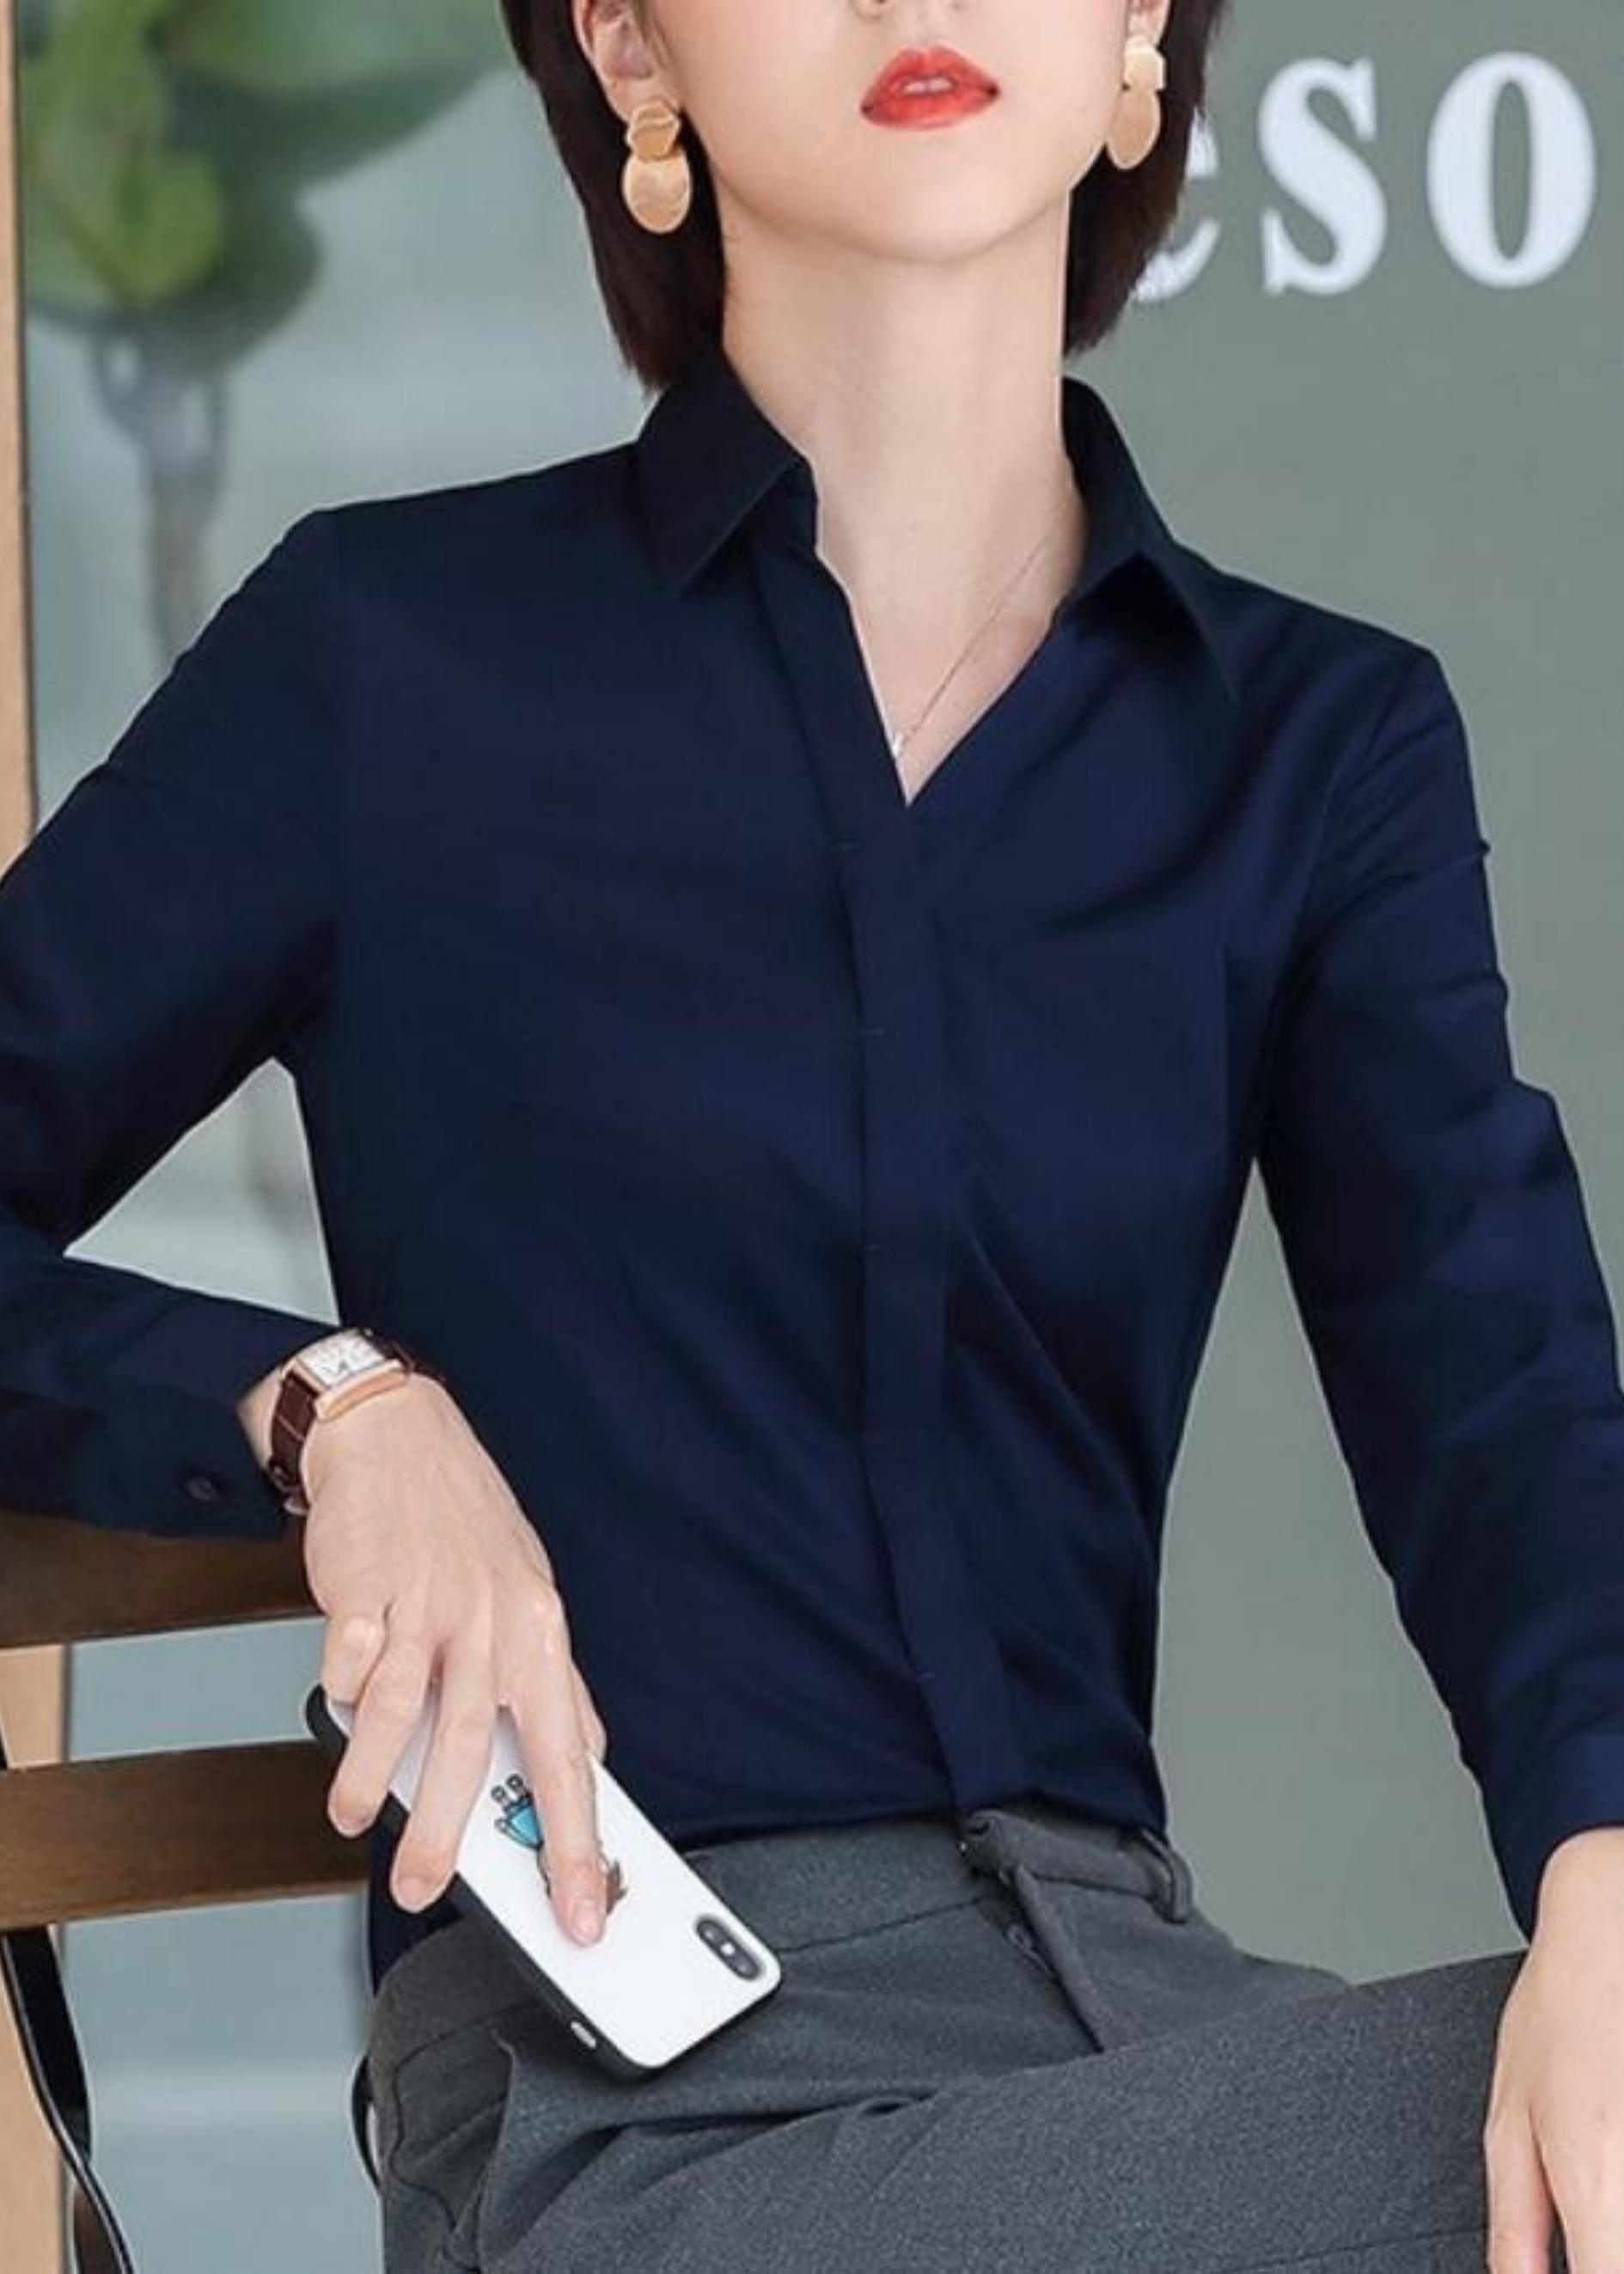 Áo Sơ Mi Nữ Trơn Dài Tay Công Sở CV088 Chất Kate Mềm Mịn Chuẩn Form Thời trang nữ cao cấp